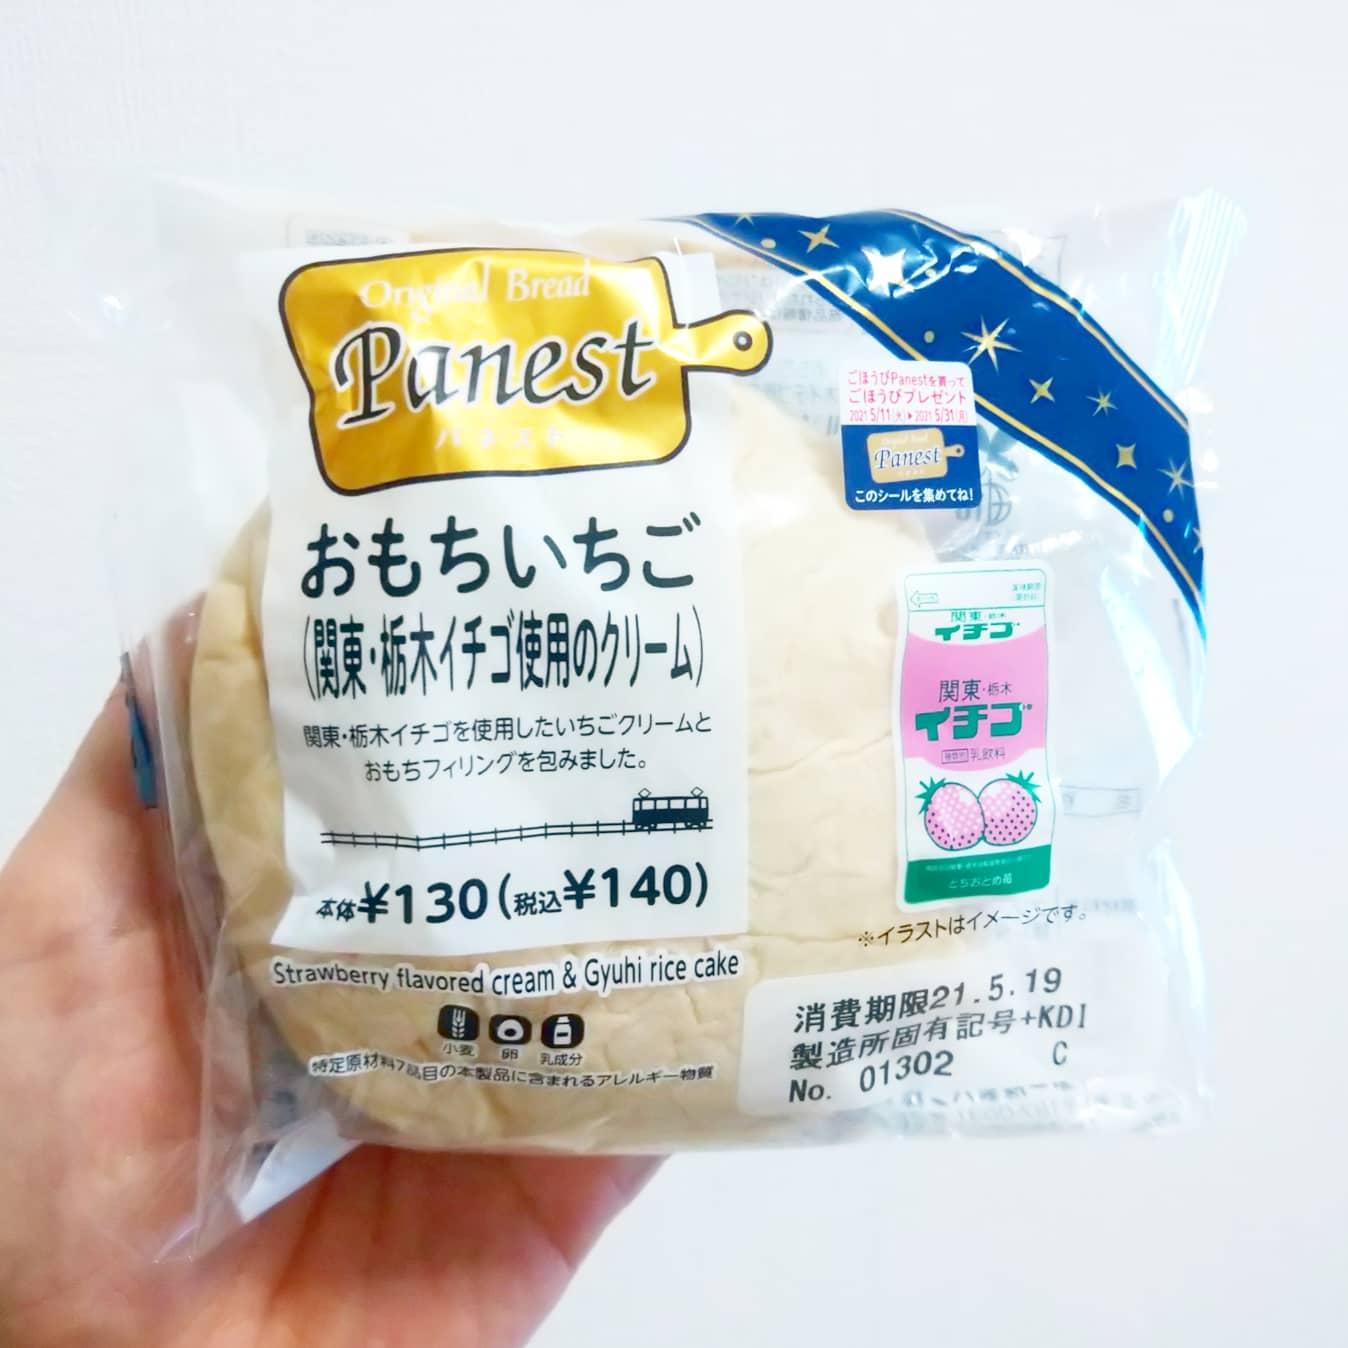 #いちごミルクラブ #第一屋製パン #おもちいちご 謎イチゴ系-☆---本物イチゴ系甘さ強め系-☆---控え目系こってり系--☆--さっぱり系超ミルク系--☆--生クリーム系おもいで度---☆- #侍猫度美味い!完成度の高いねっとりコッテリ謎苺牛乳味のクリームに餅ともっちりパン!クリームたっぷりなのも良き!軽井沢のお土産だね #いちごオレ #いちごオレ味 #いちごミルク #いちごミルクみたい #いちご牛乳 #いちご牛乳味 #イチゴ牛乳 #いちご牛乳クラブ #苺牛乳 #苺牛乳が好き #苺ミルク #苺スイーツ #苺 #苺好きに生まれたからには #メソギア派 #糖分 #いちごミルク味 #スイーツ #スイーツ好き #スイーツスタグラム #スイーツタイム #スイーツ写真 #strawberry #strawberrymilk